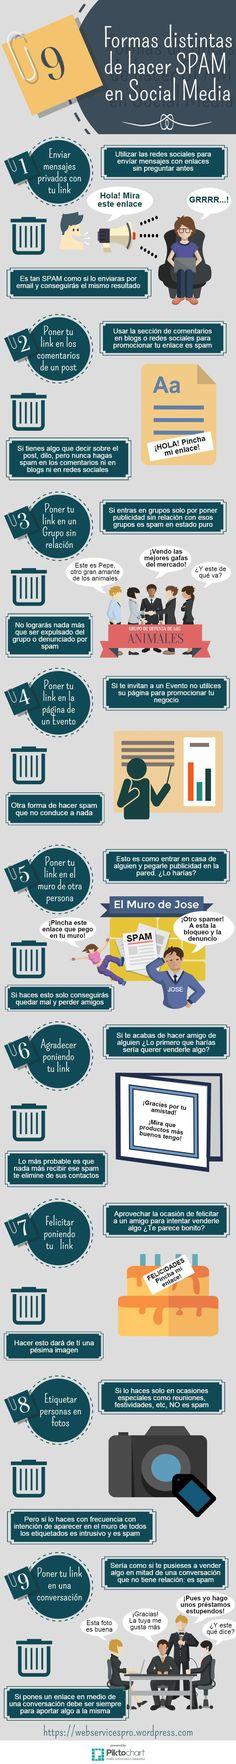 9 formas de hacer Spam en Redes Sociales #infografia #infographic #socialmedia | TICs y Formación